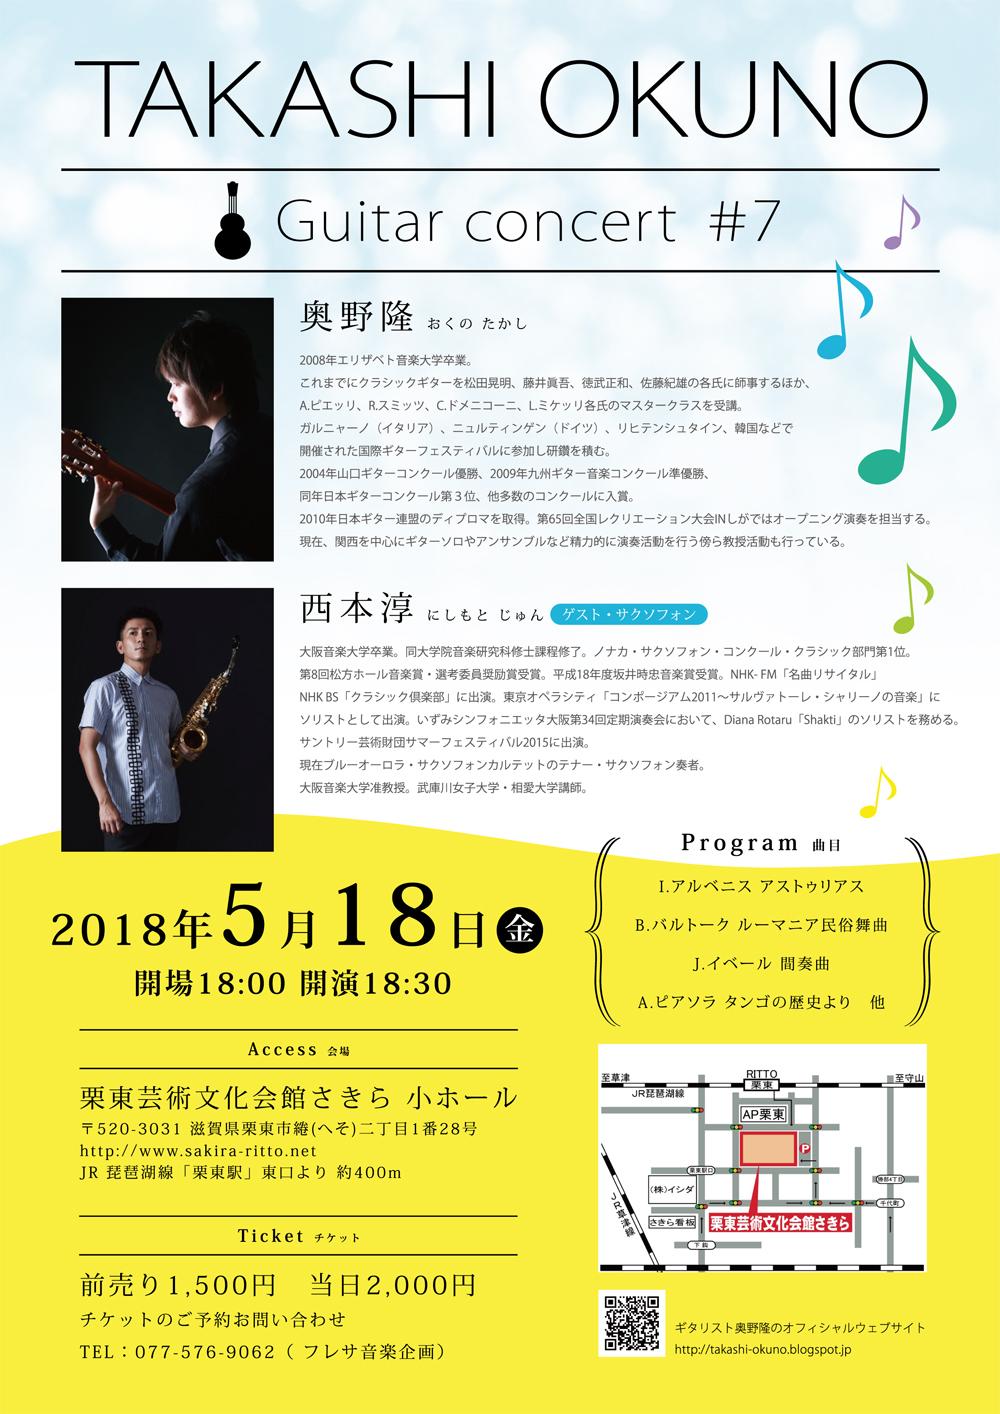 2018年5月18日 TAKASHI OKUNO Guitar concert vol.7